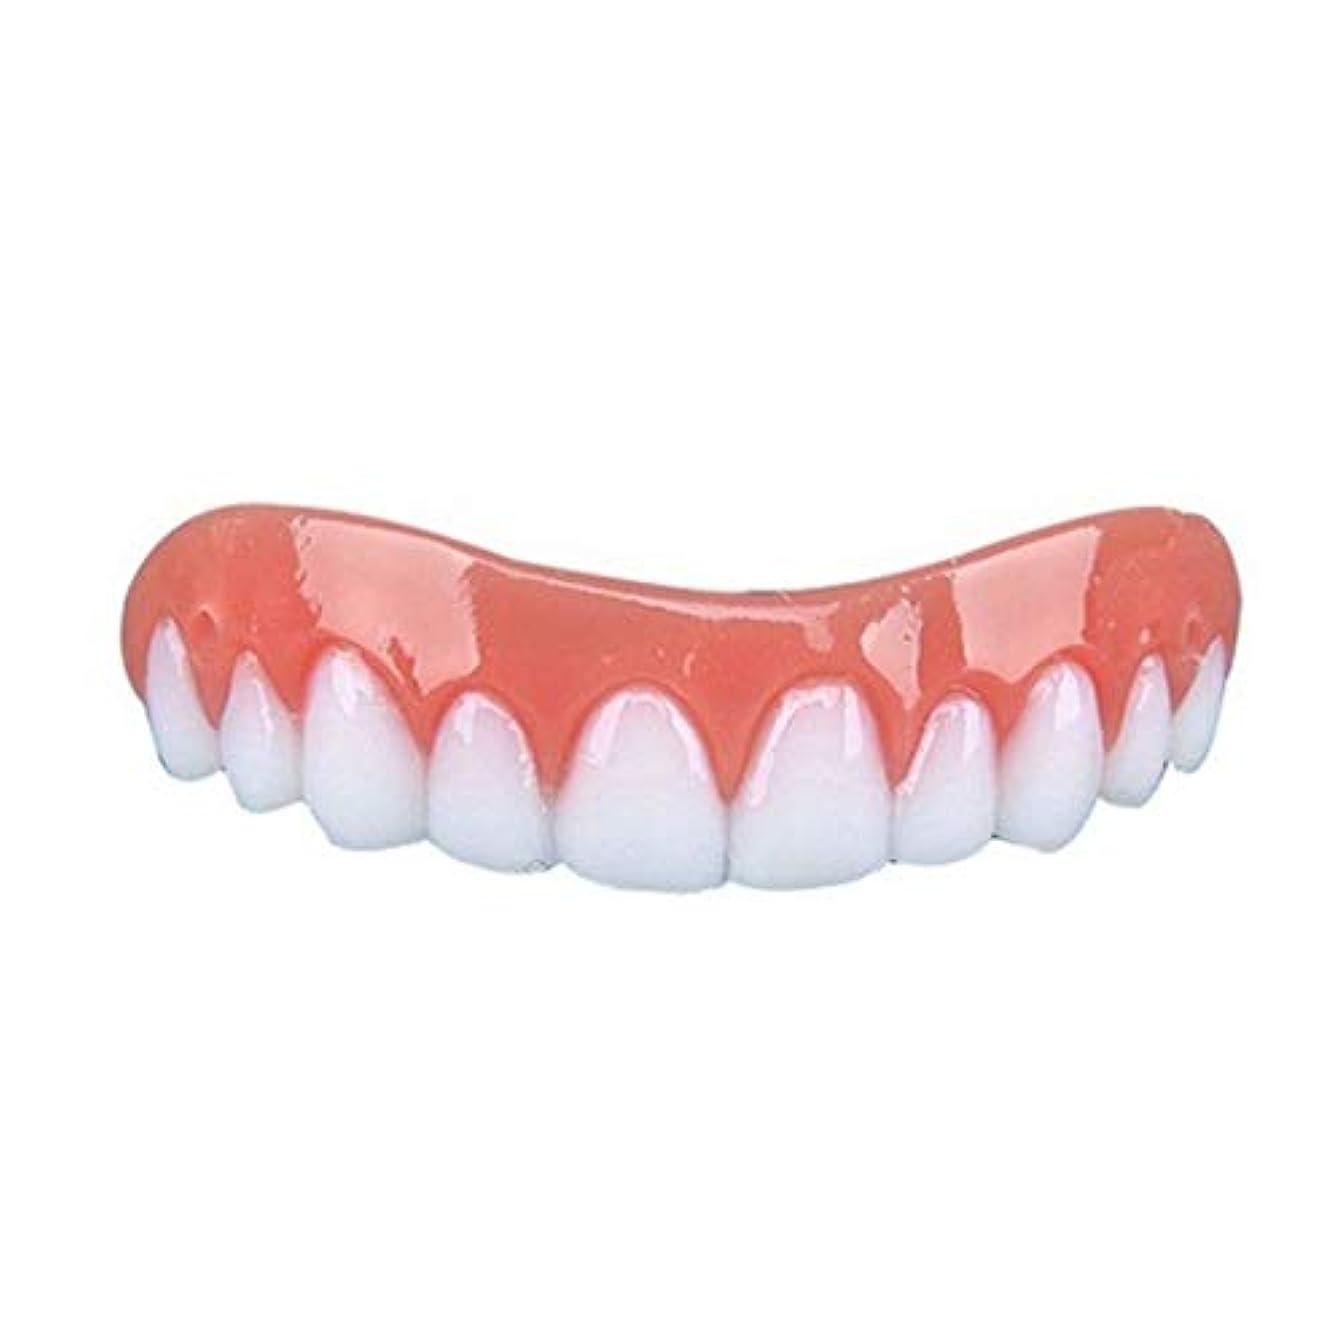 遺伝的インクアクロバットBartram 歯カバー シリコン義歯ペースト 上歯 笑顔を保つ 歯保護 美容用 入れ歯 矯正義歯